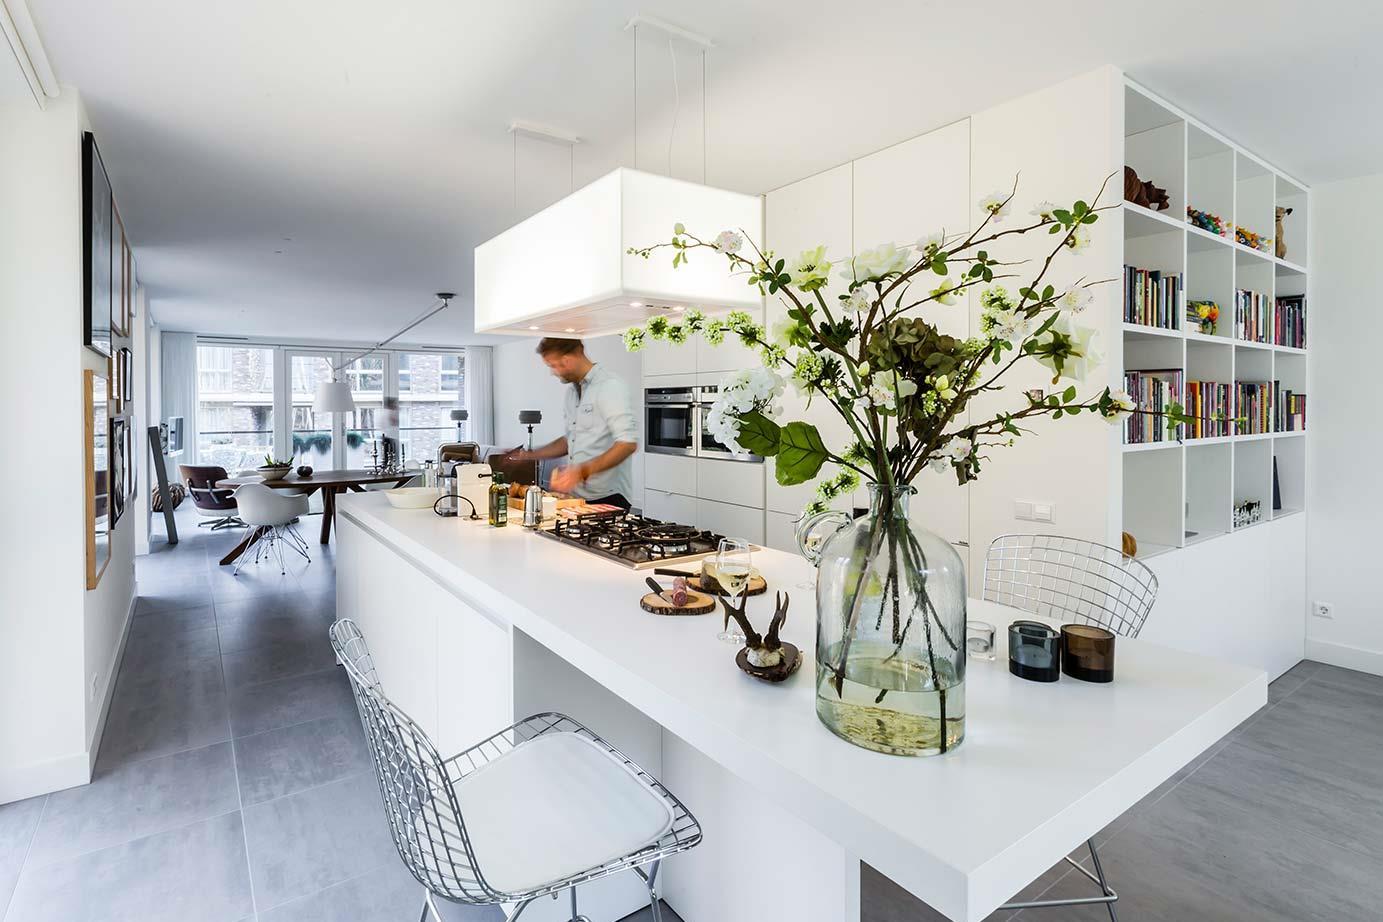 Keukens Goede Prijs Kwaliteit : Keuken prijzen Direct de scherpste netto prijs Keur